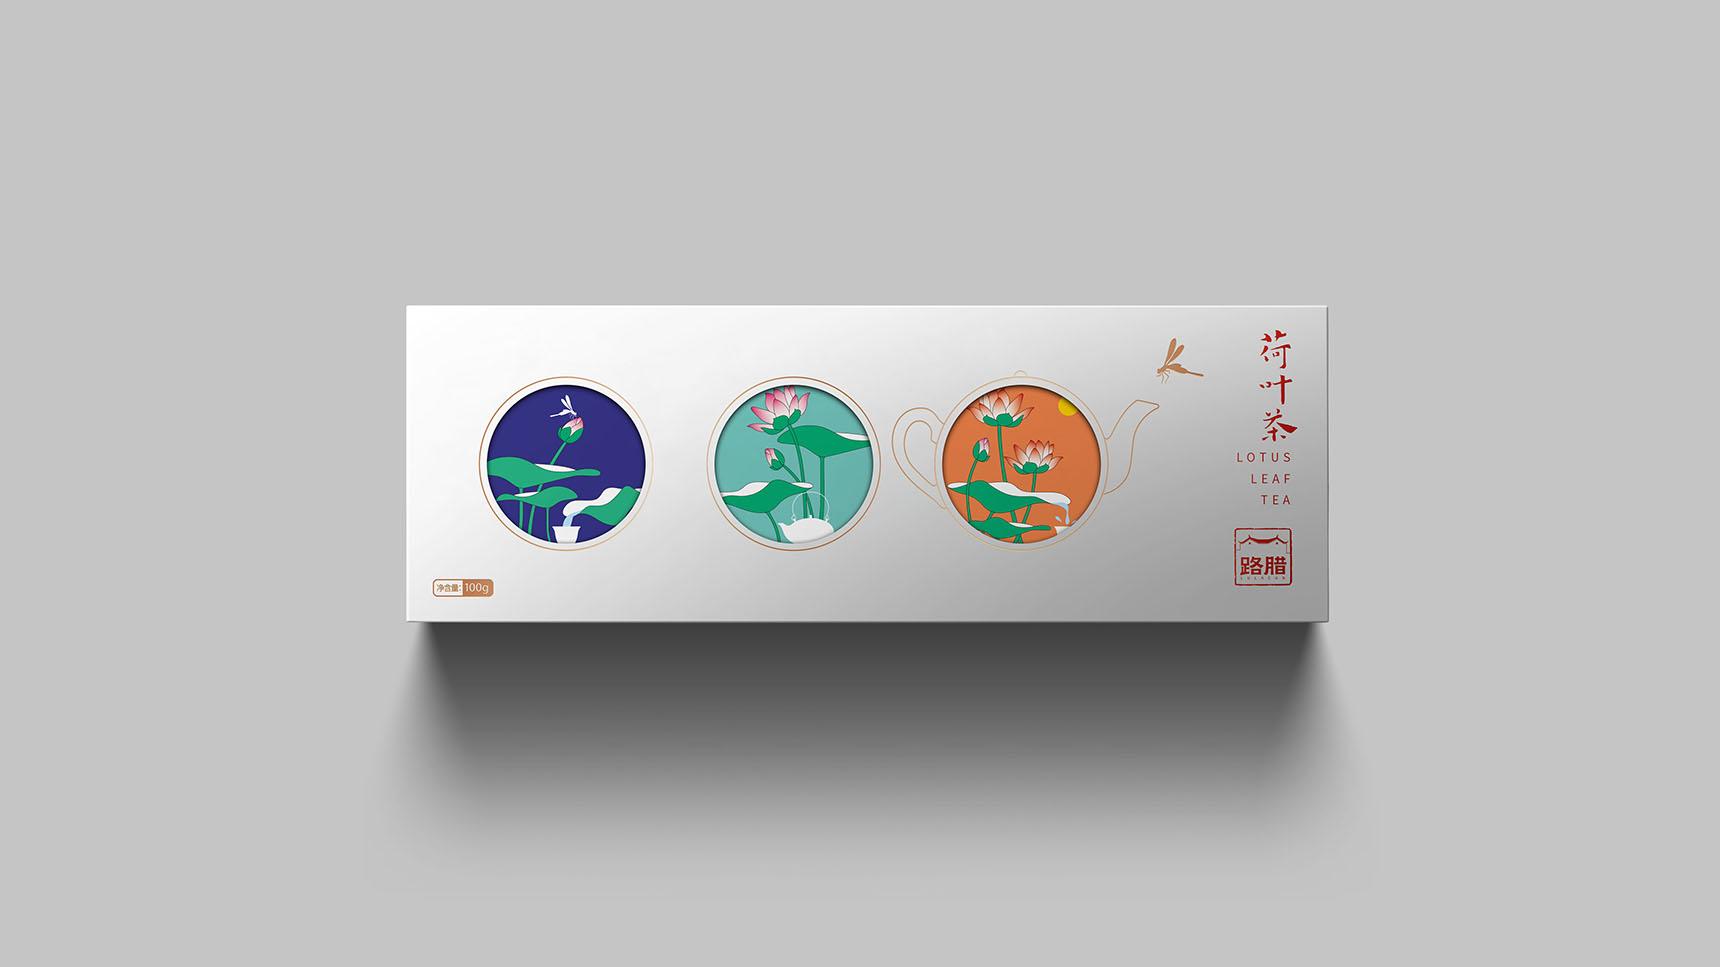 荷叶茶包装设计×枫桥包装设计